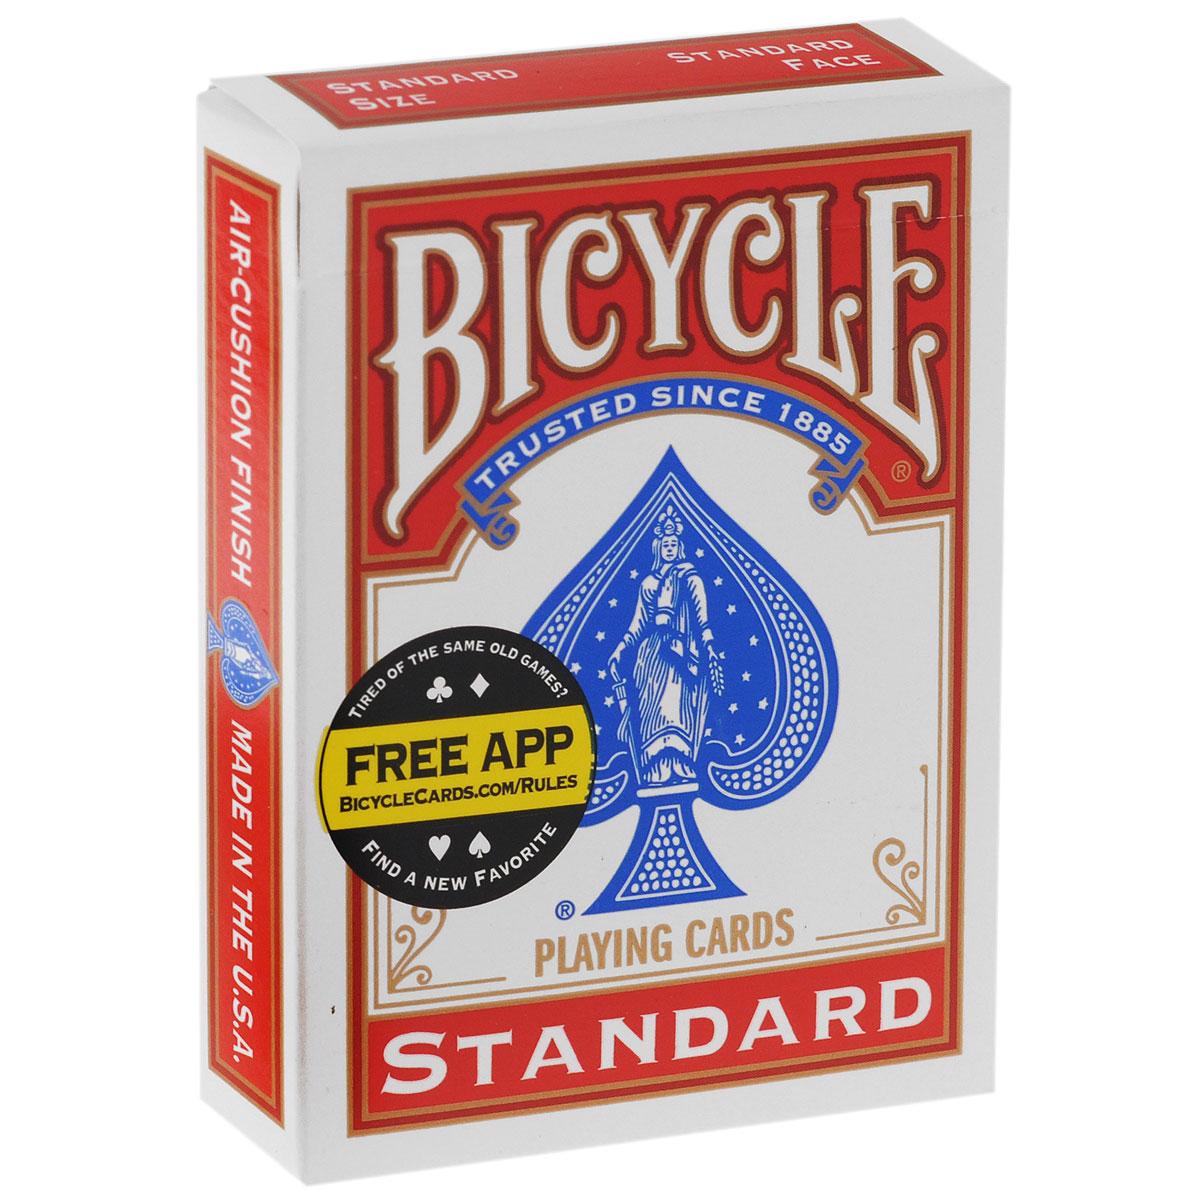 Карты для фокусов Bicycle Blank Face, цвет: красный, 56 штК-117Карты для фокусов Bicycle Blank Face, изготовлены из картона с пластиковым покрытием. Колода имеет классический покерный размер и дизайн, создана на основе колоды Bicycle Standard. Карты для фокусов Bicycle Blank Faceс пустой лицевой стороной и рубашкой синего или красного цвета применяется в различных карточных трюках, позволяя создавать оригинальные эффекты. К тому же рисунок рубашки полностью соответствует рисунку Bicycle Standart, поэтому, если Вам нравятся качественные карточные трюки, карты для фокусов Bicycle Blank Face станут прекрасным и нужным дополнением к обычным игральным картам Bicycle, а прекрасное качество исполнения доставит Вам максимум удовольствия от процесса. Обращаем ваше внимание! Данный комплект карт поставляется без заводской целлофановой упаковки, что является особенностью всех карт для фокусов.